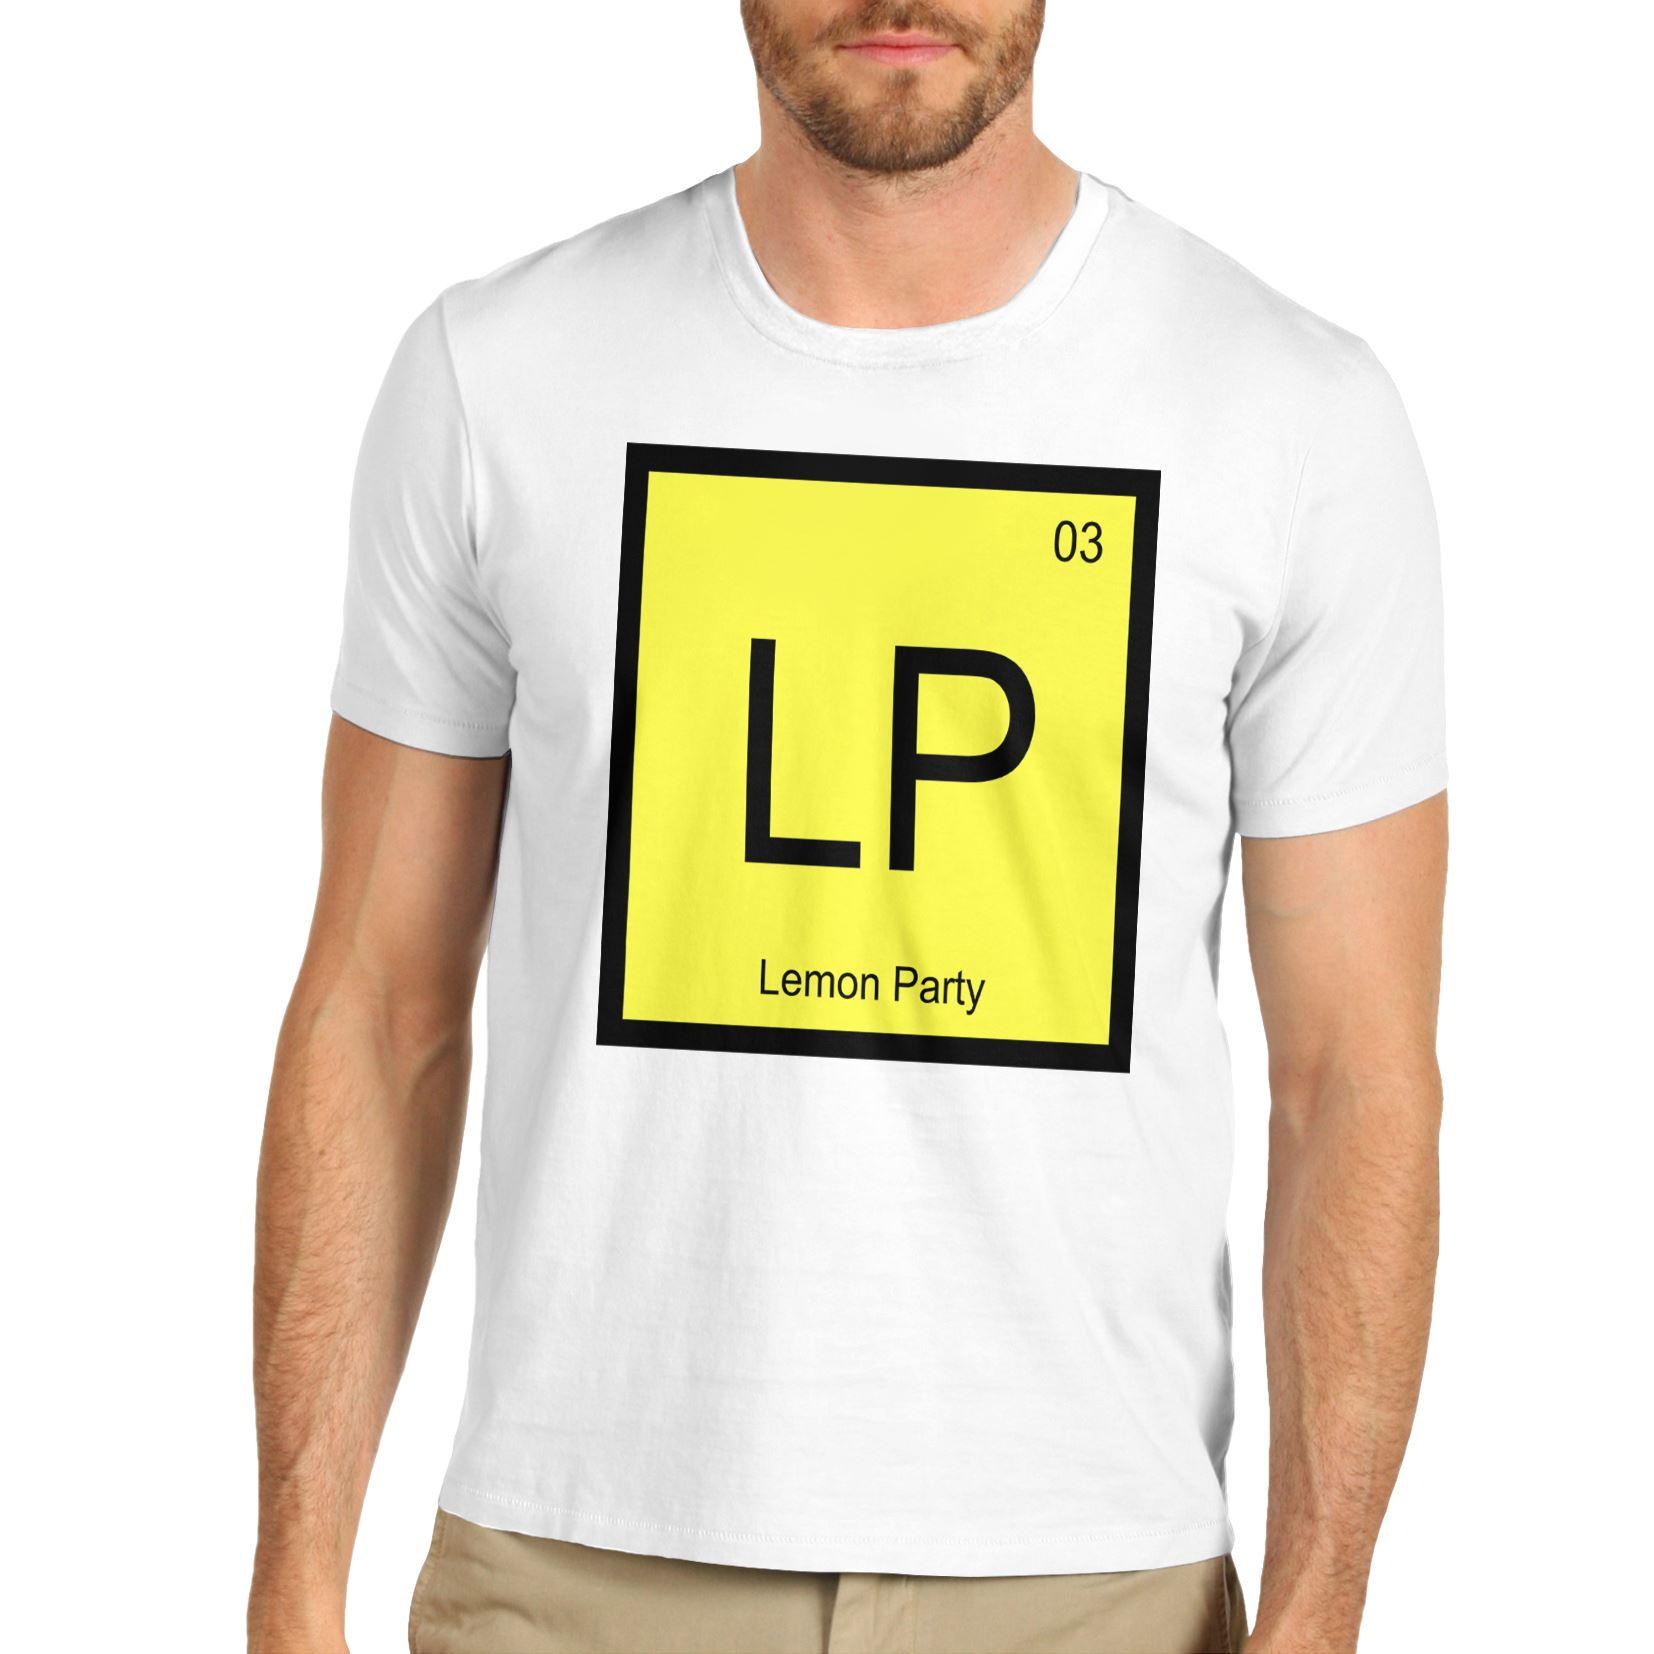 Mens lp periodic table element lemon party funny t shirt ebay men 039 s lp periodic table element lemon urtaz Choice Image